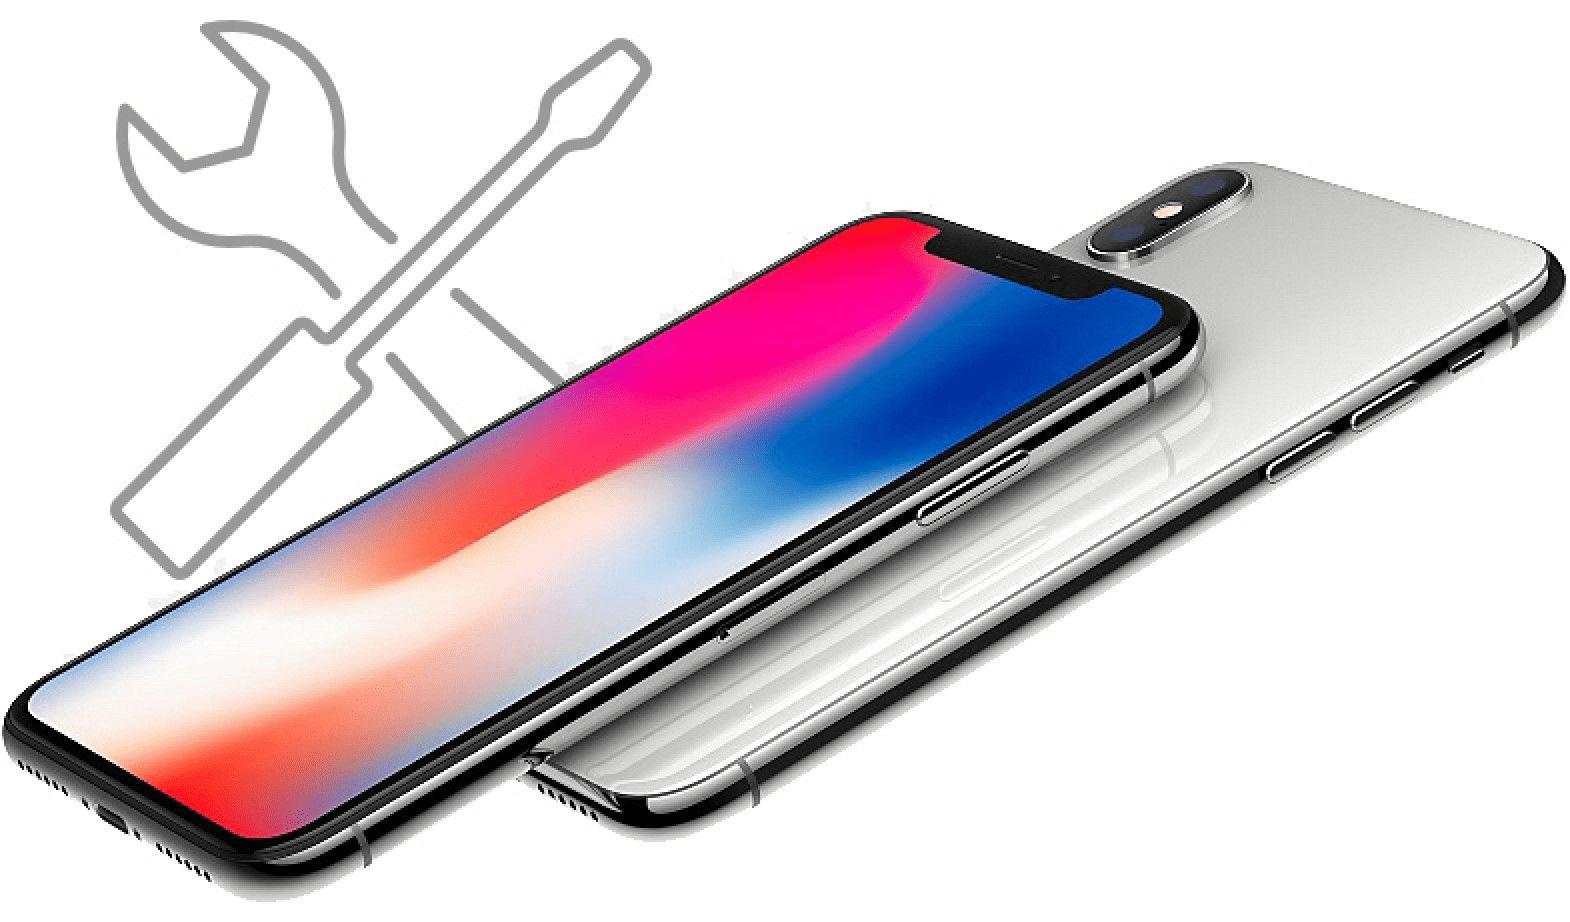 Sự cố sọc màn hình iPhone X có thể cần sự giúp đỡ của chuyên gia